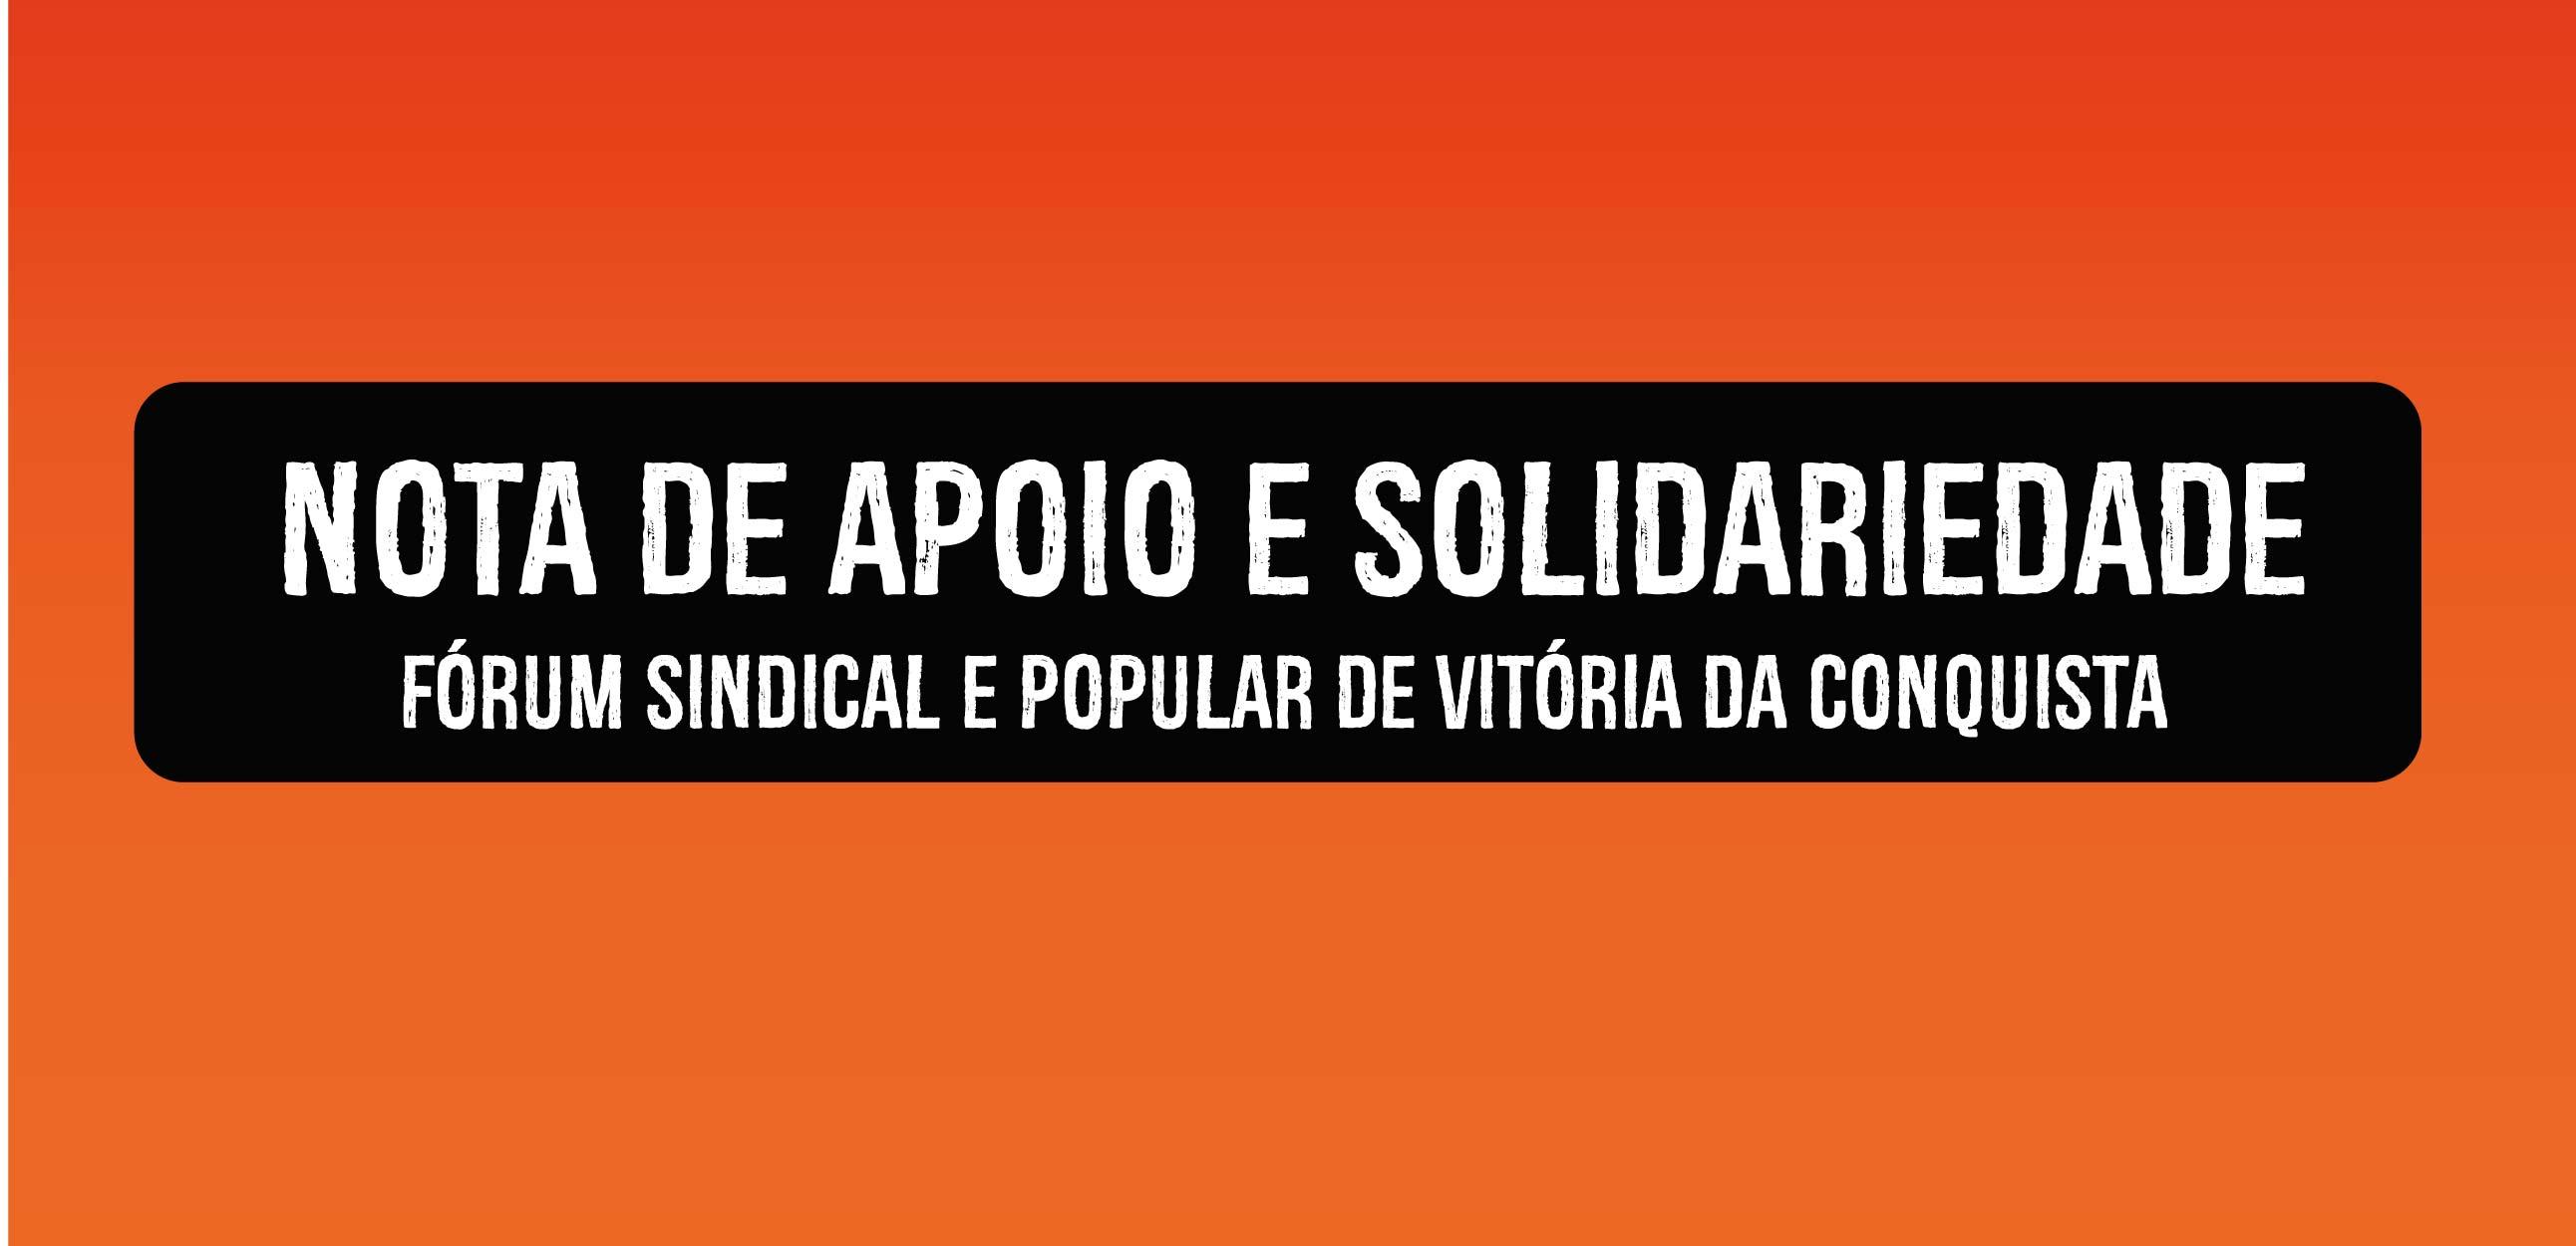 Nota de apoio e solidariedade